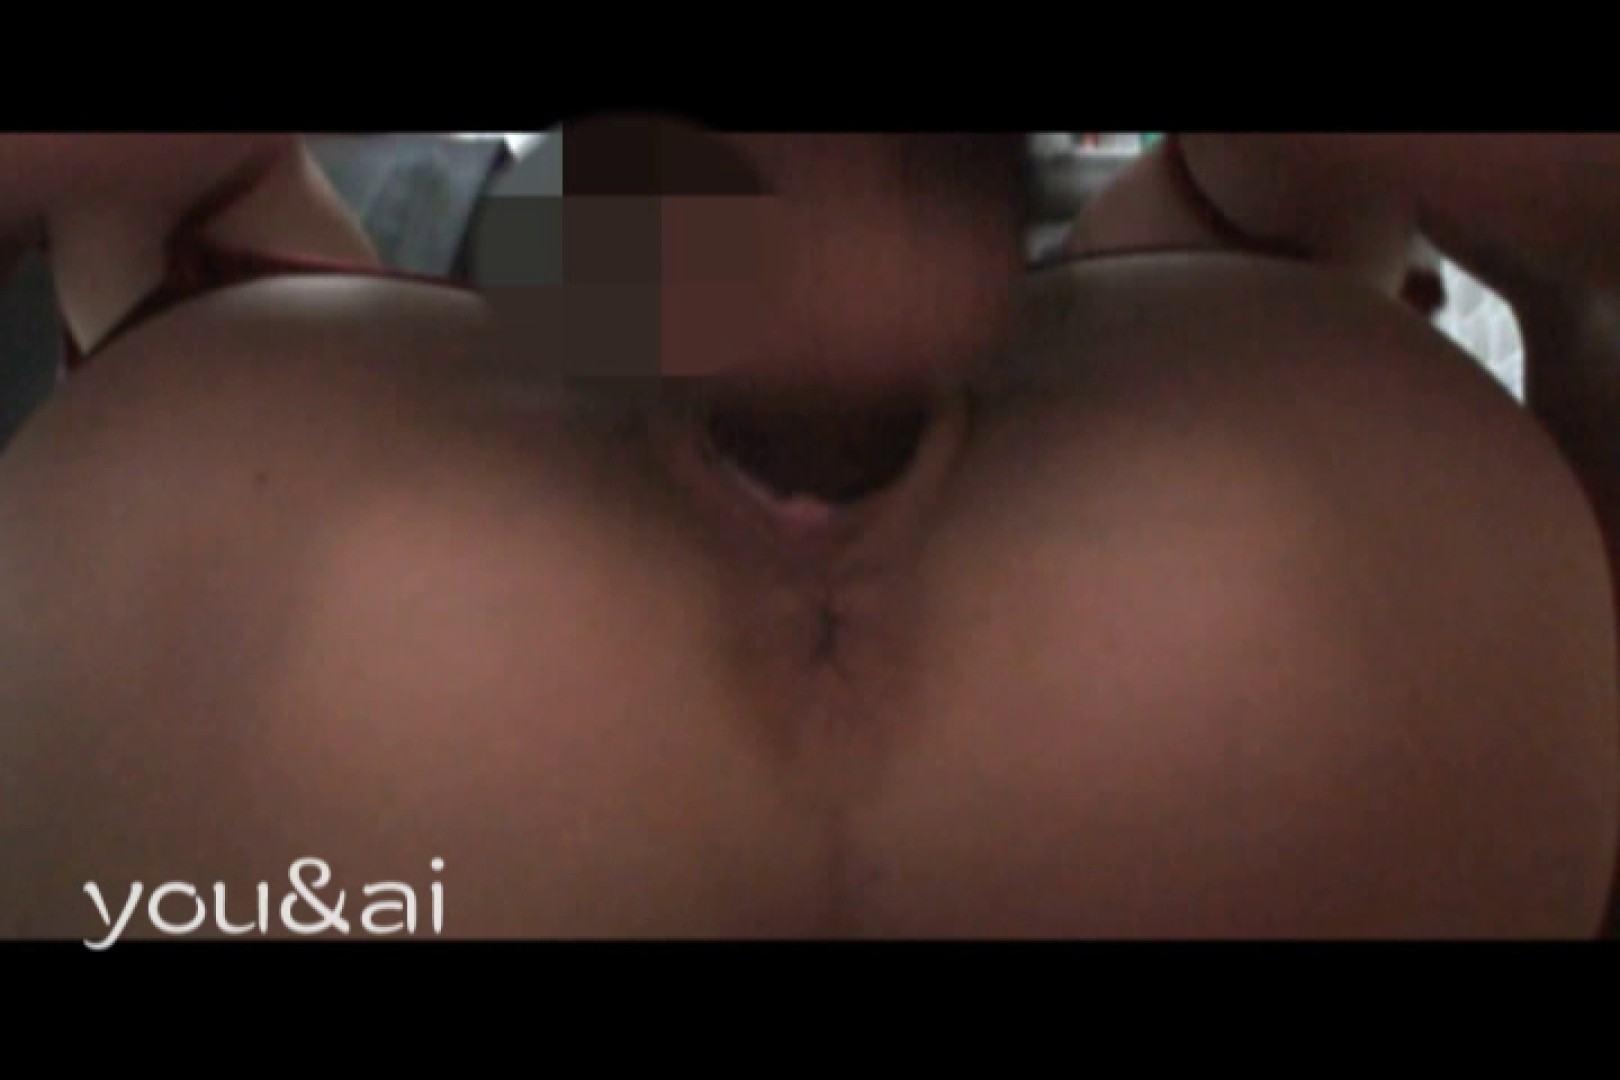 おしどり夫婦のyou&aiさん投稿作品vol.17 一般投稿 | OL裸体  78画像 13